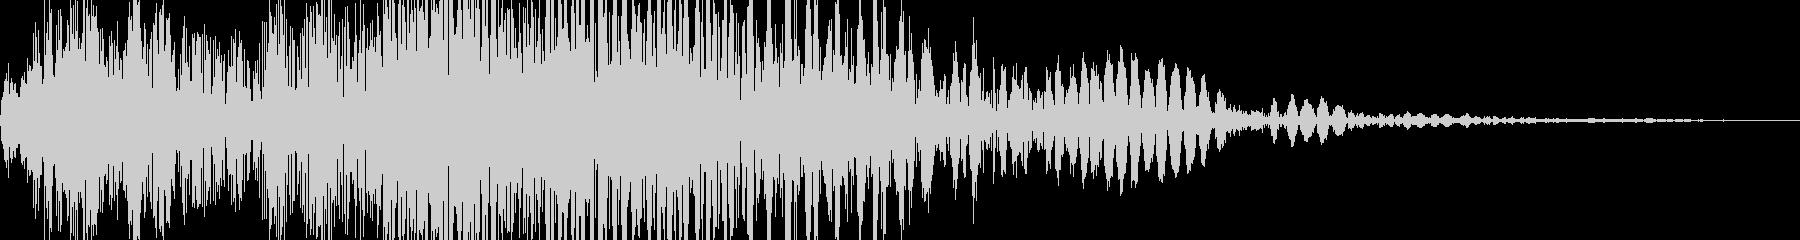 プシューン(決定 魔法 インパクト)の未再生の波形